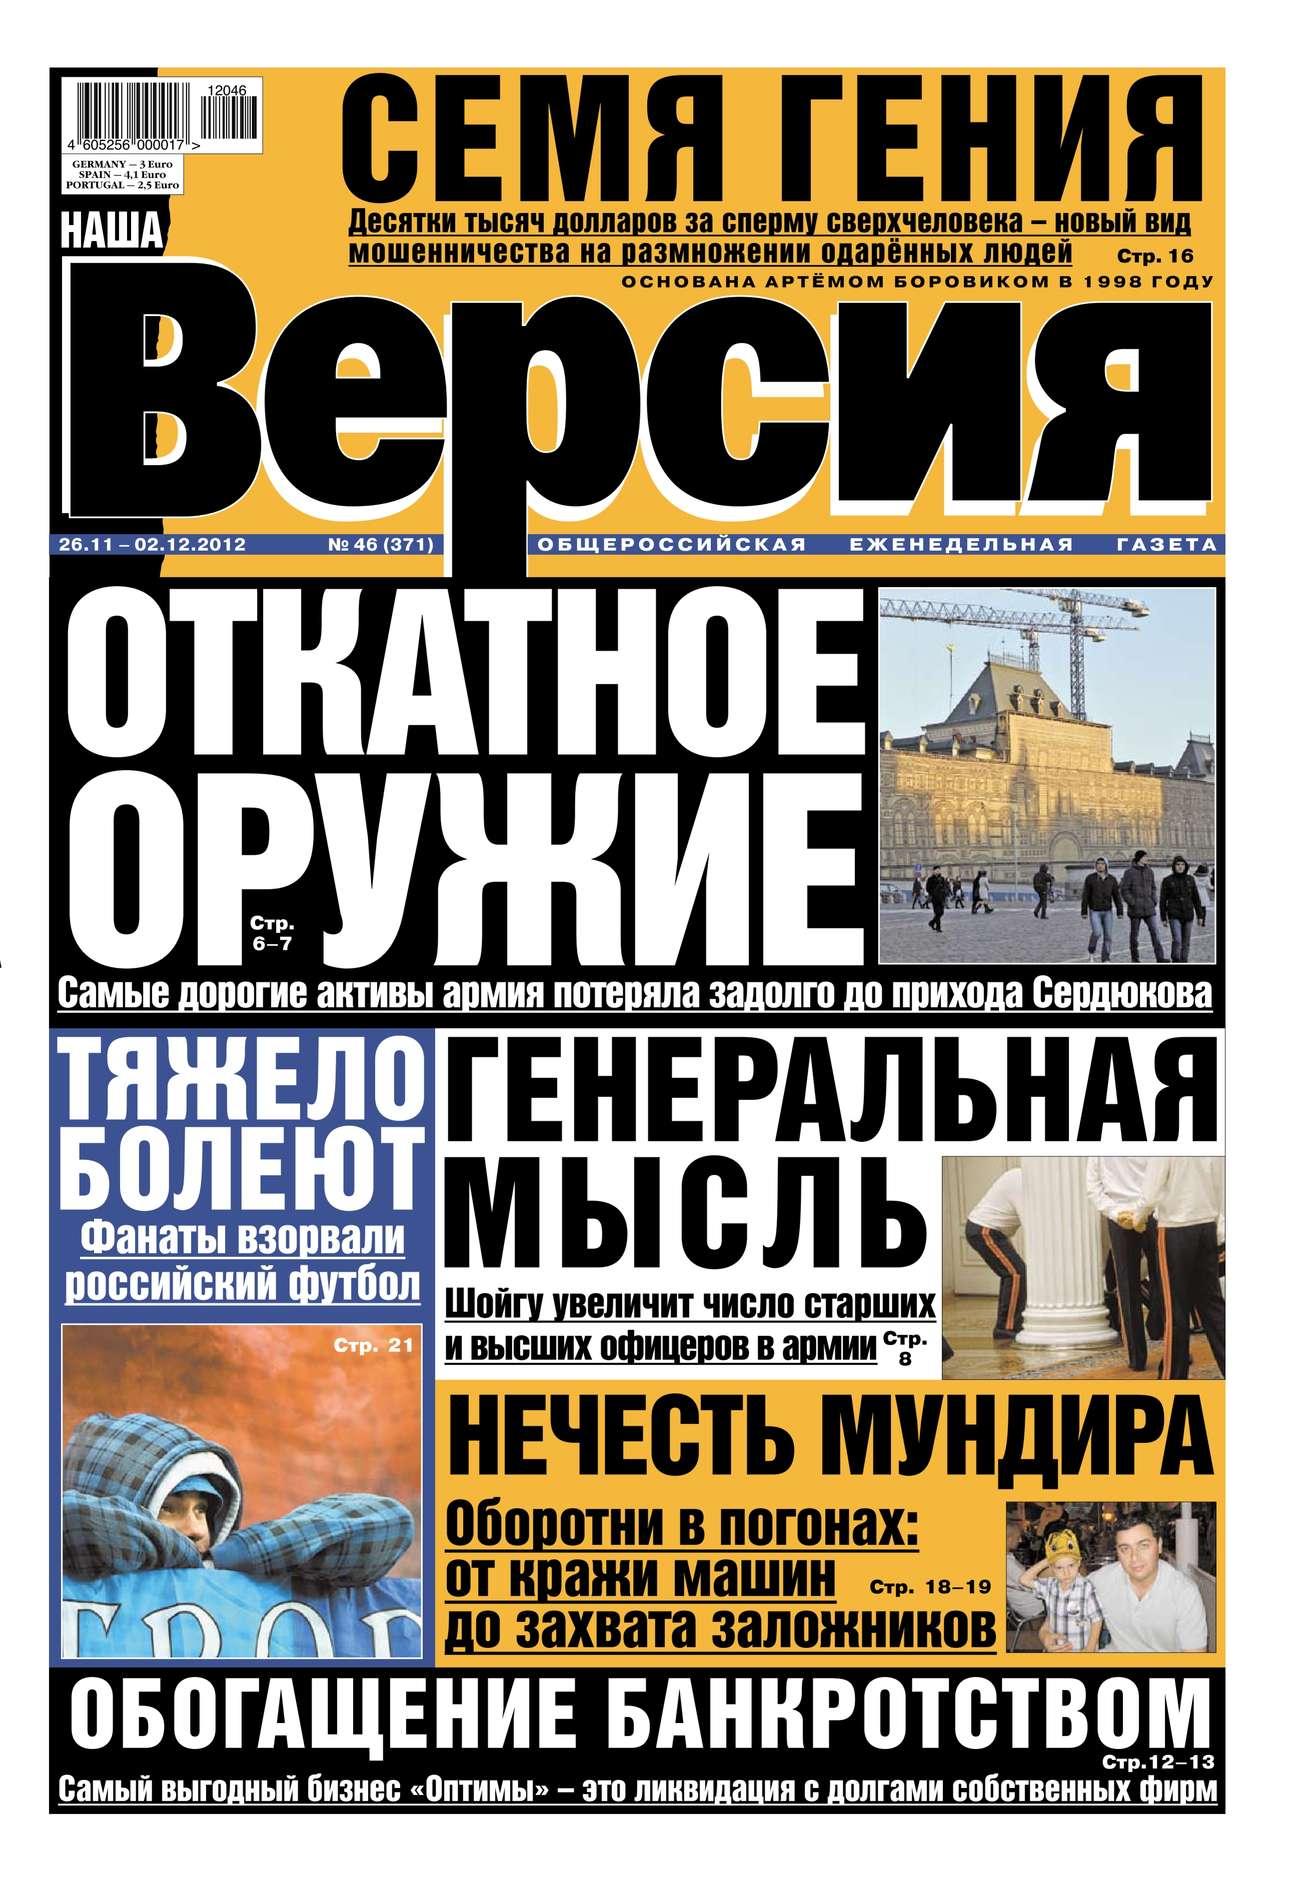 Редакция газеты Наша Версия Наша версия 46-11-2012 цена